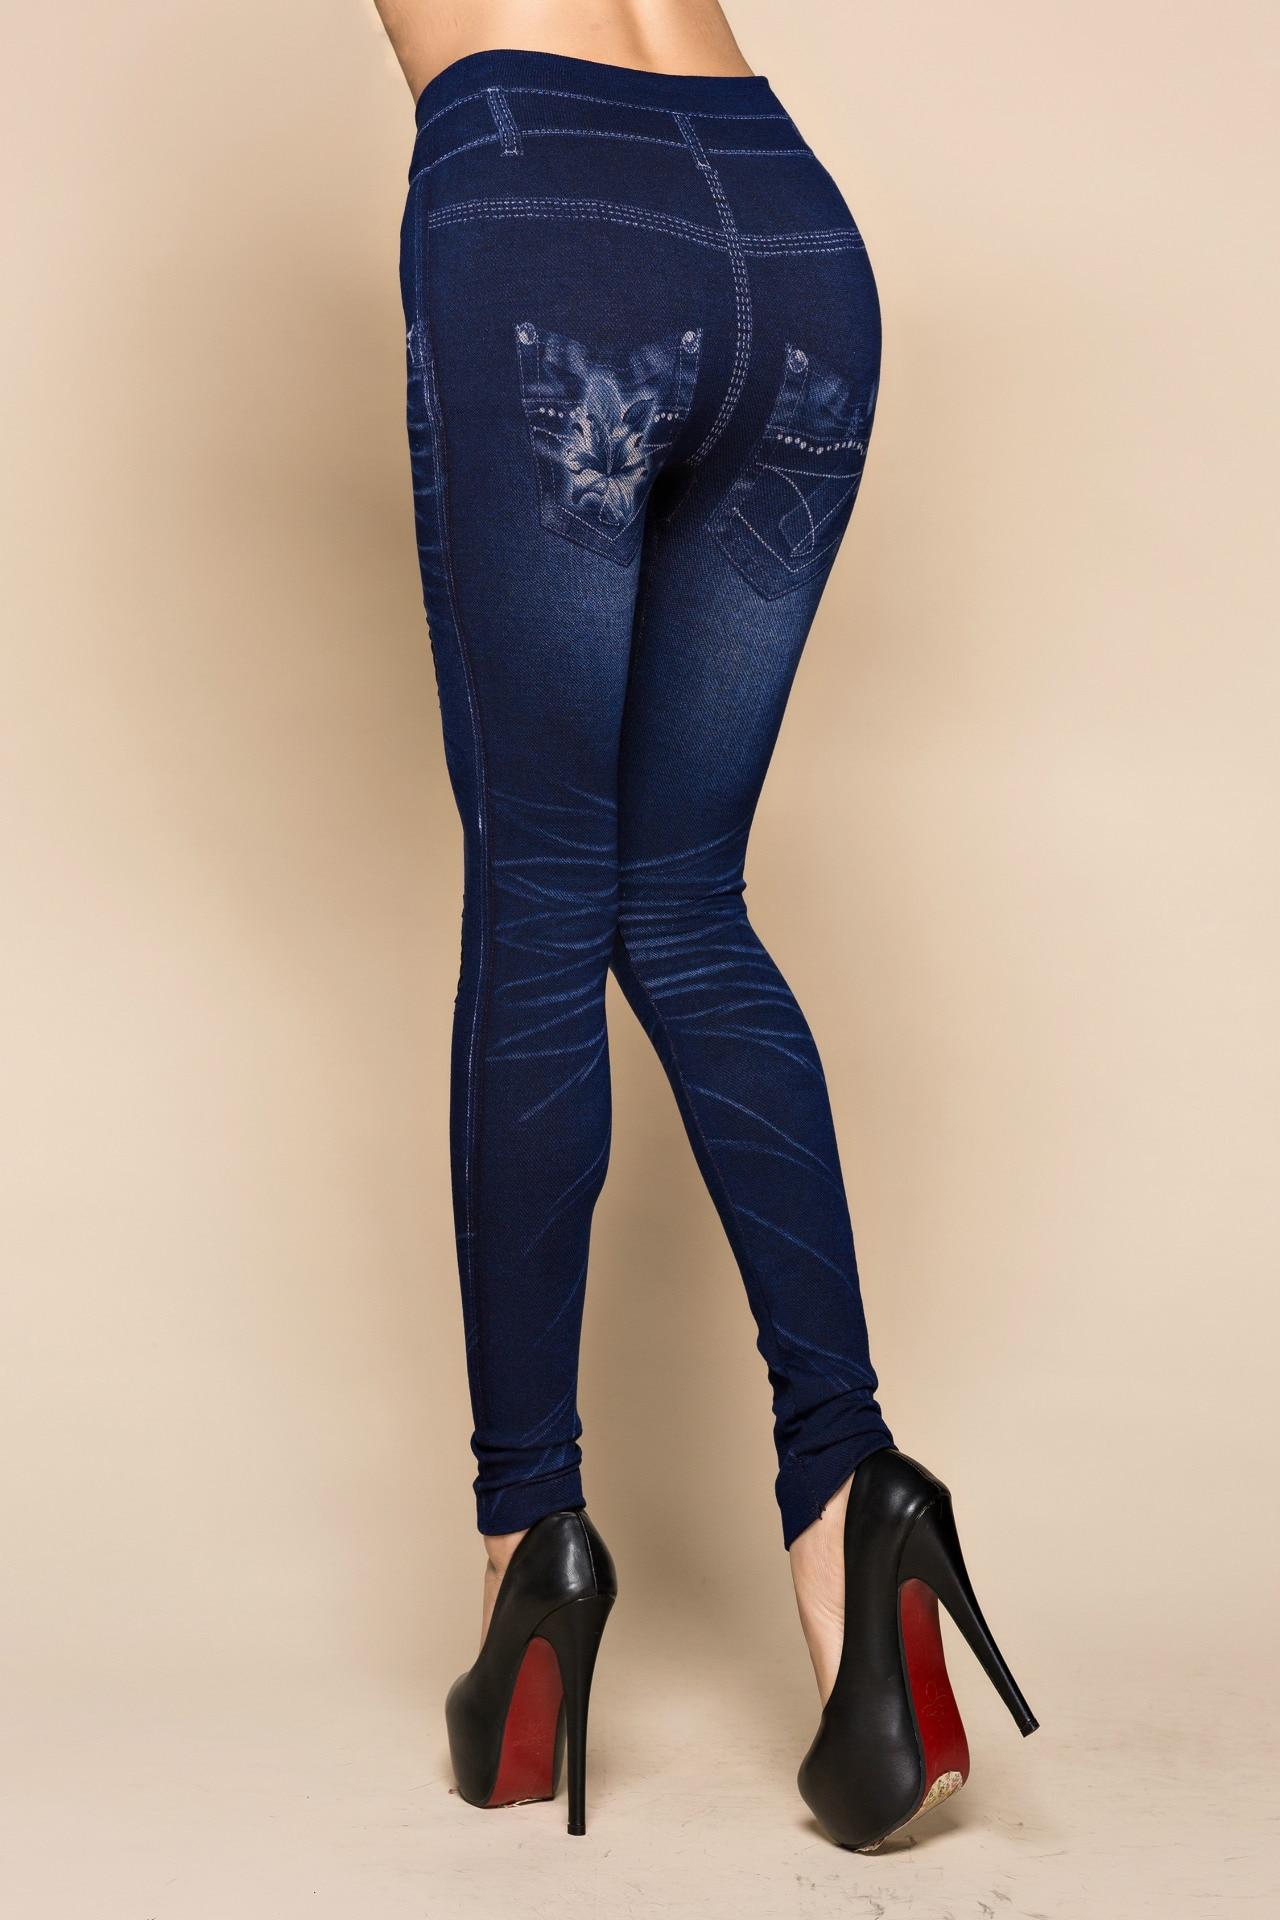 Denim Leggings Women Fashion Blue Slim High Waist Elasticity Cotton Leggings Various Types Full Length Sizes and Colours in Leggings from Women 39 s Clothing